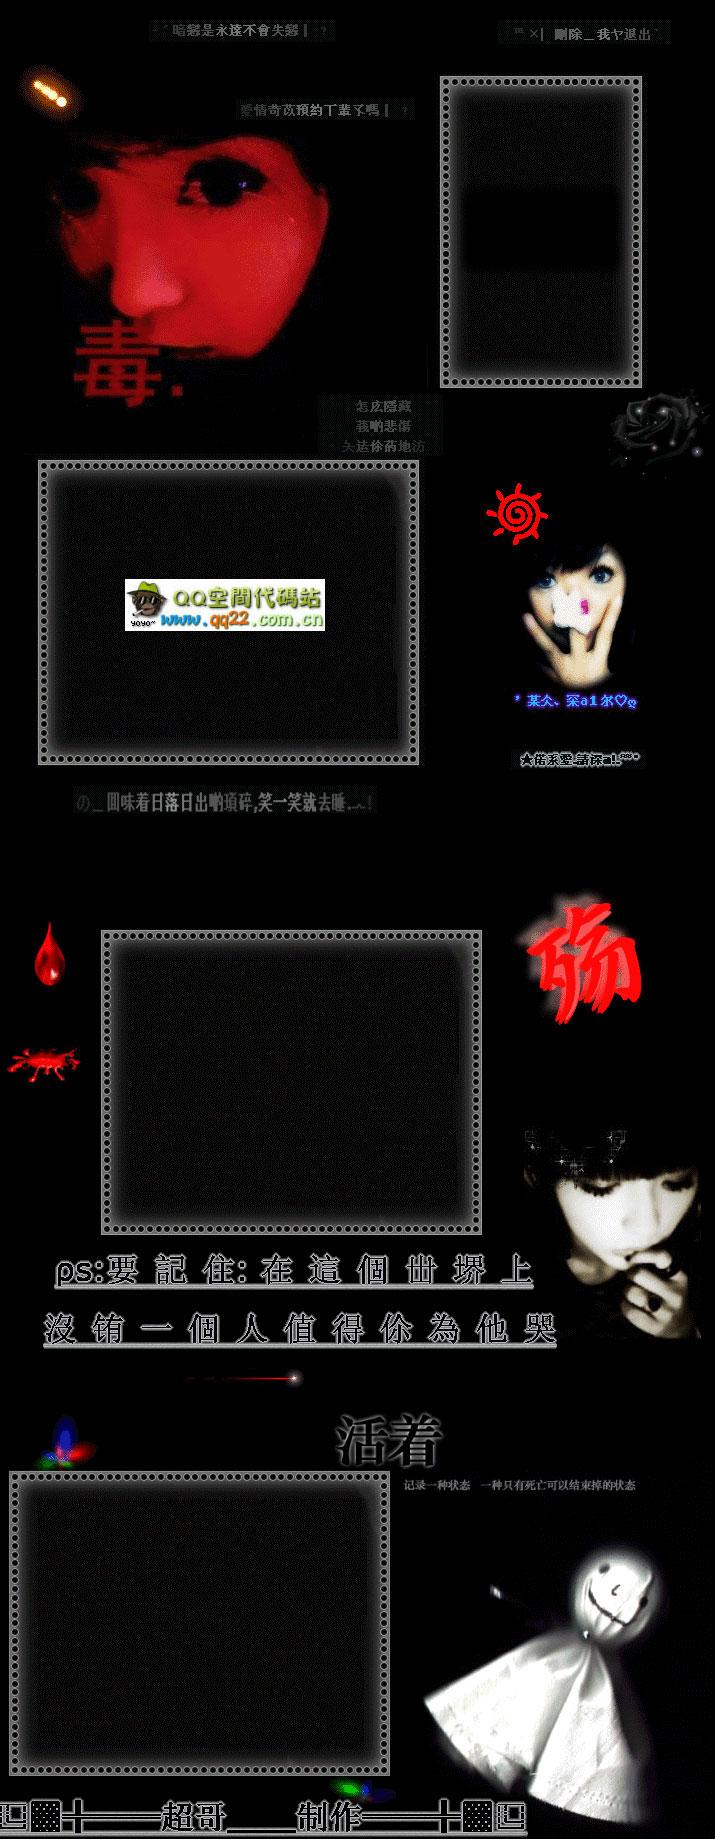 2010年最新的qq头像_非主流超长黑色颓废QQ背景图片_腾牛个性网